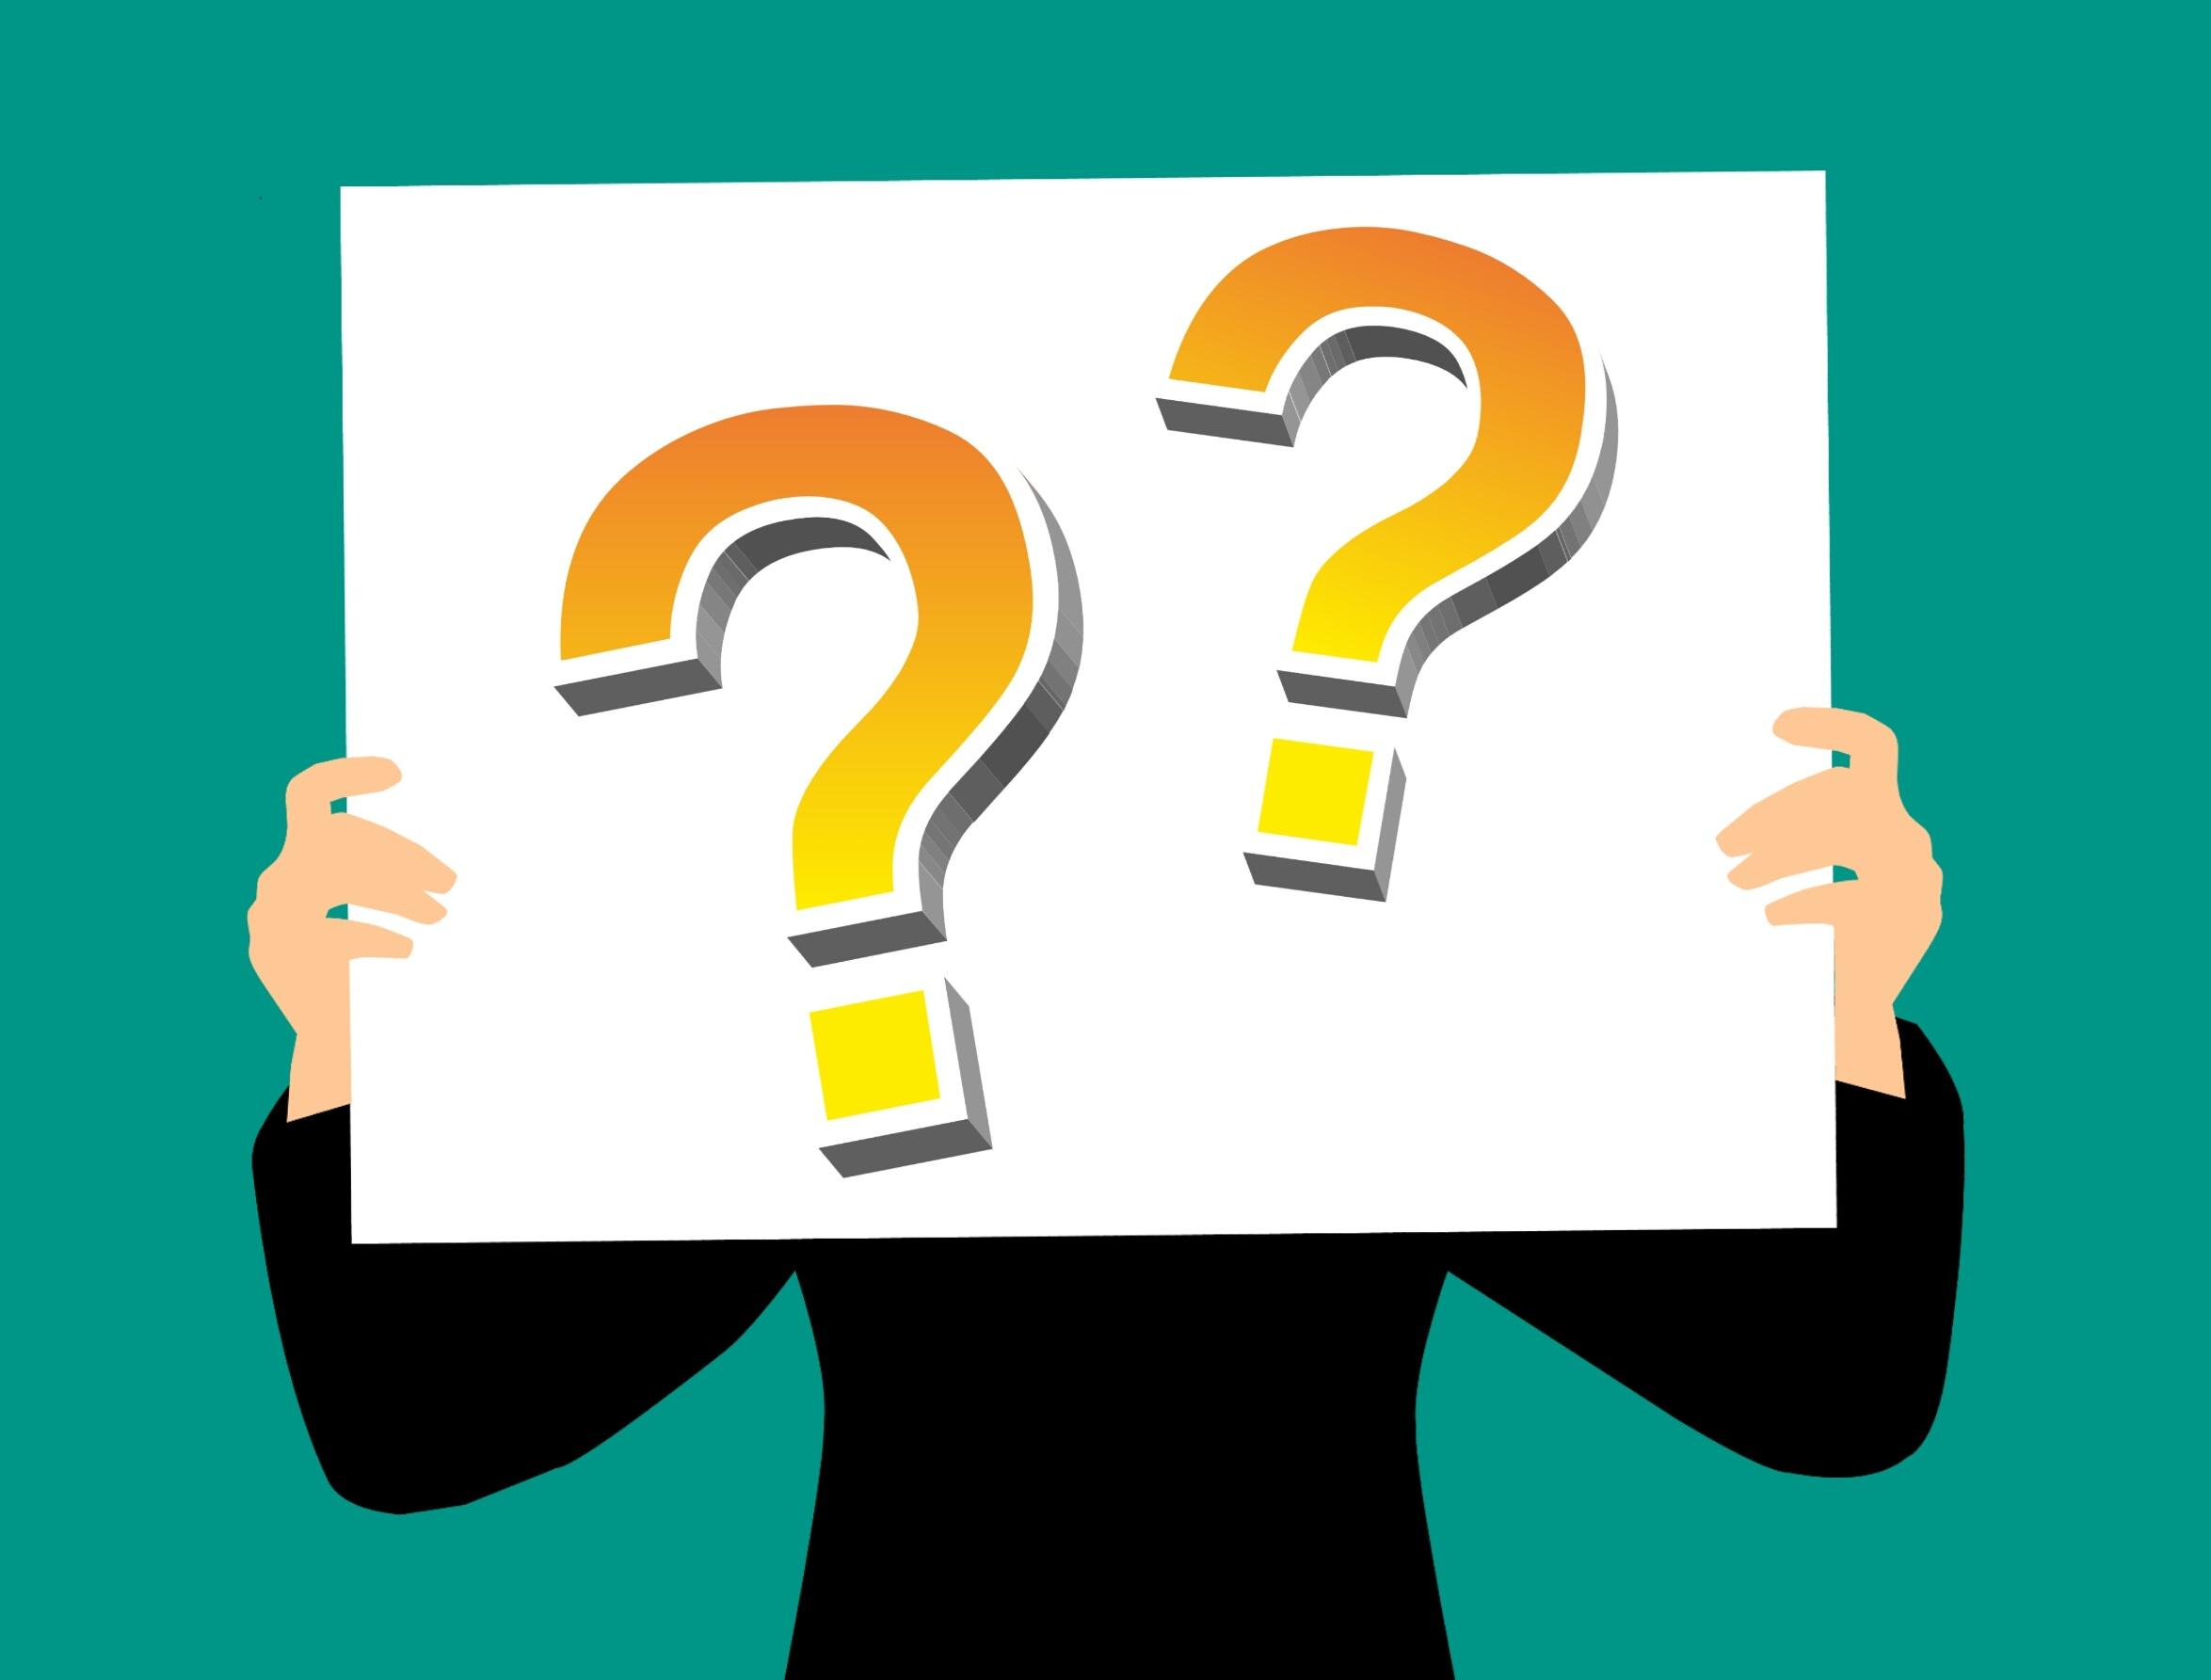 คำถาม-คำตอบ ที่คุณควรรู้ก่อนรีไฟแนนซ์รถยนต์กับธนาคารไทยพาณิชย์-รีไฟแนนซ์ไทยพาณิชย์-imoney